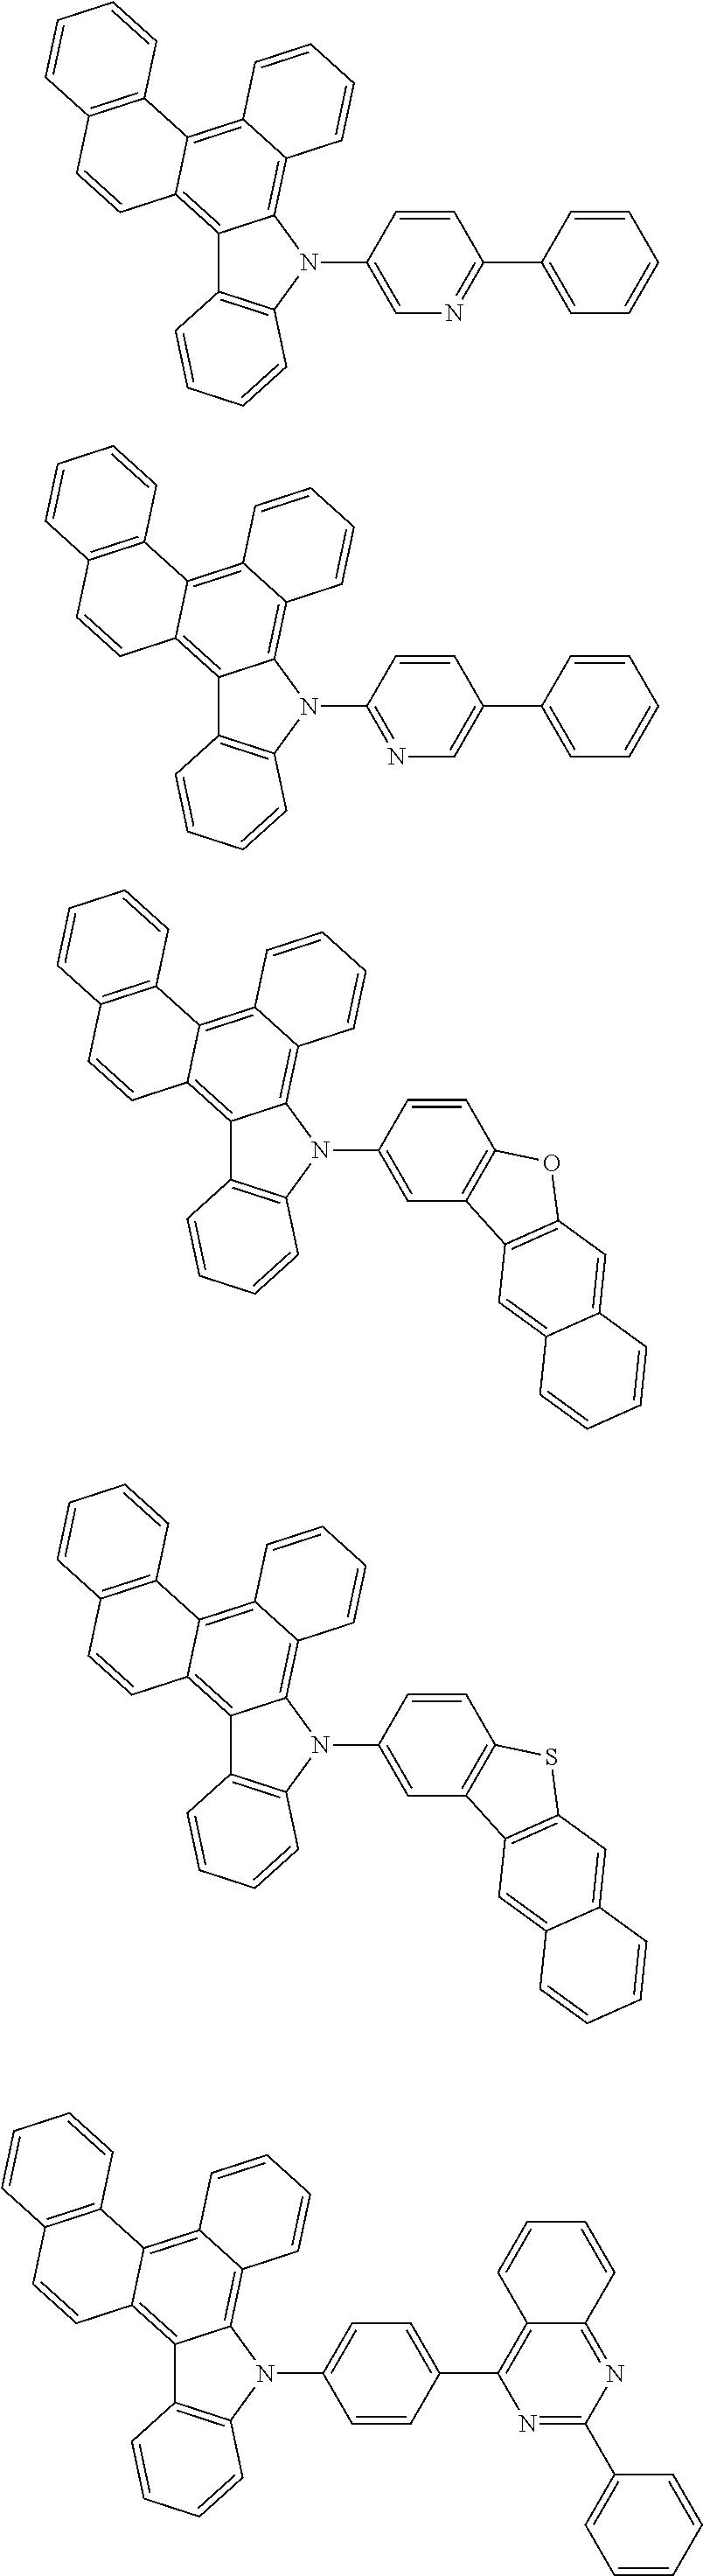 Figure US09837615-20171205-C00047